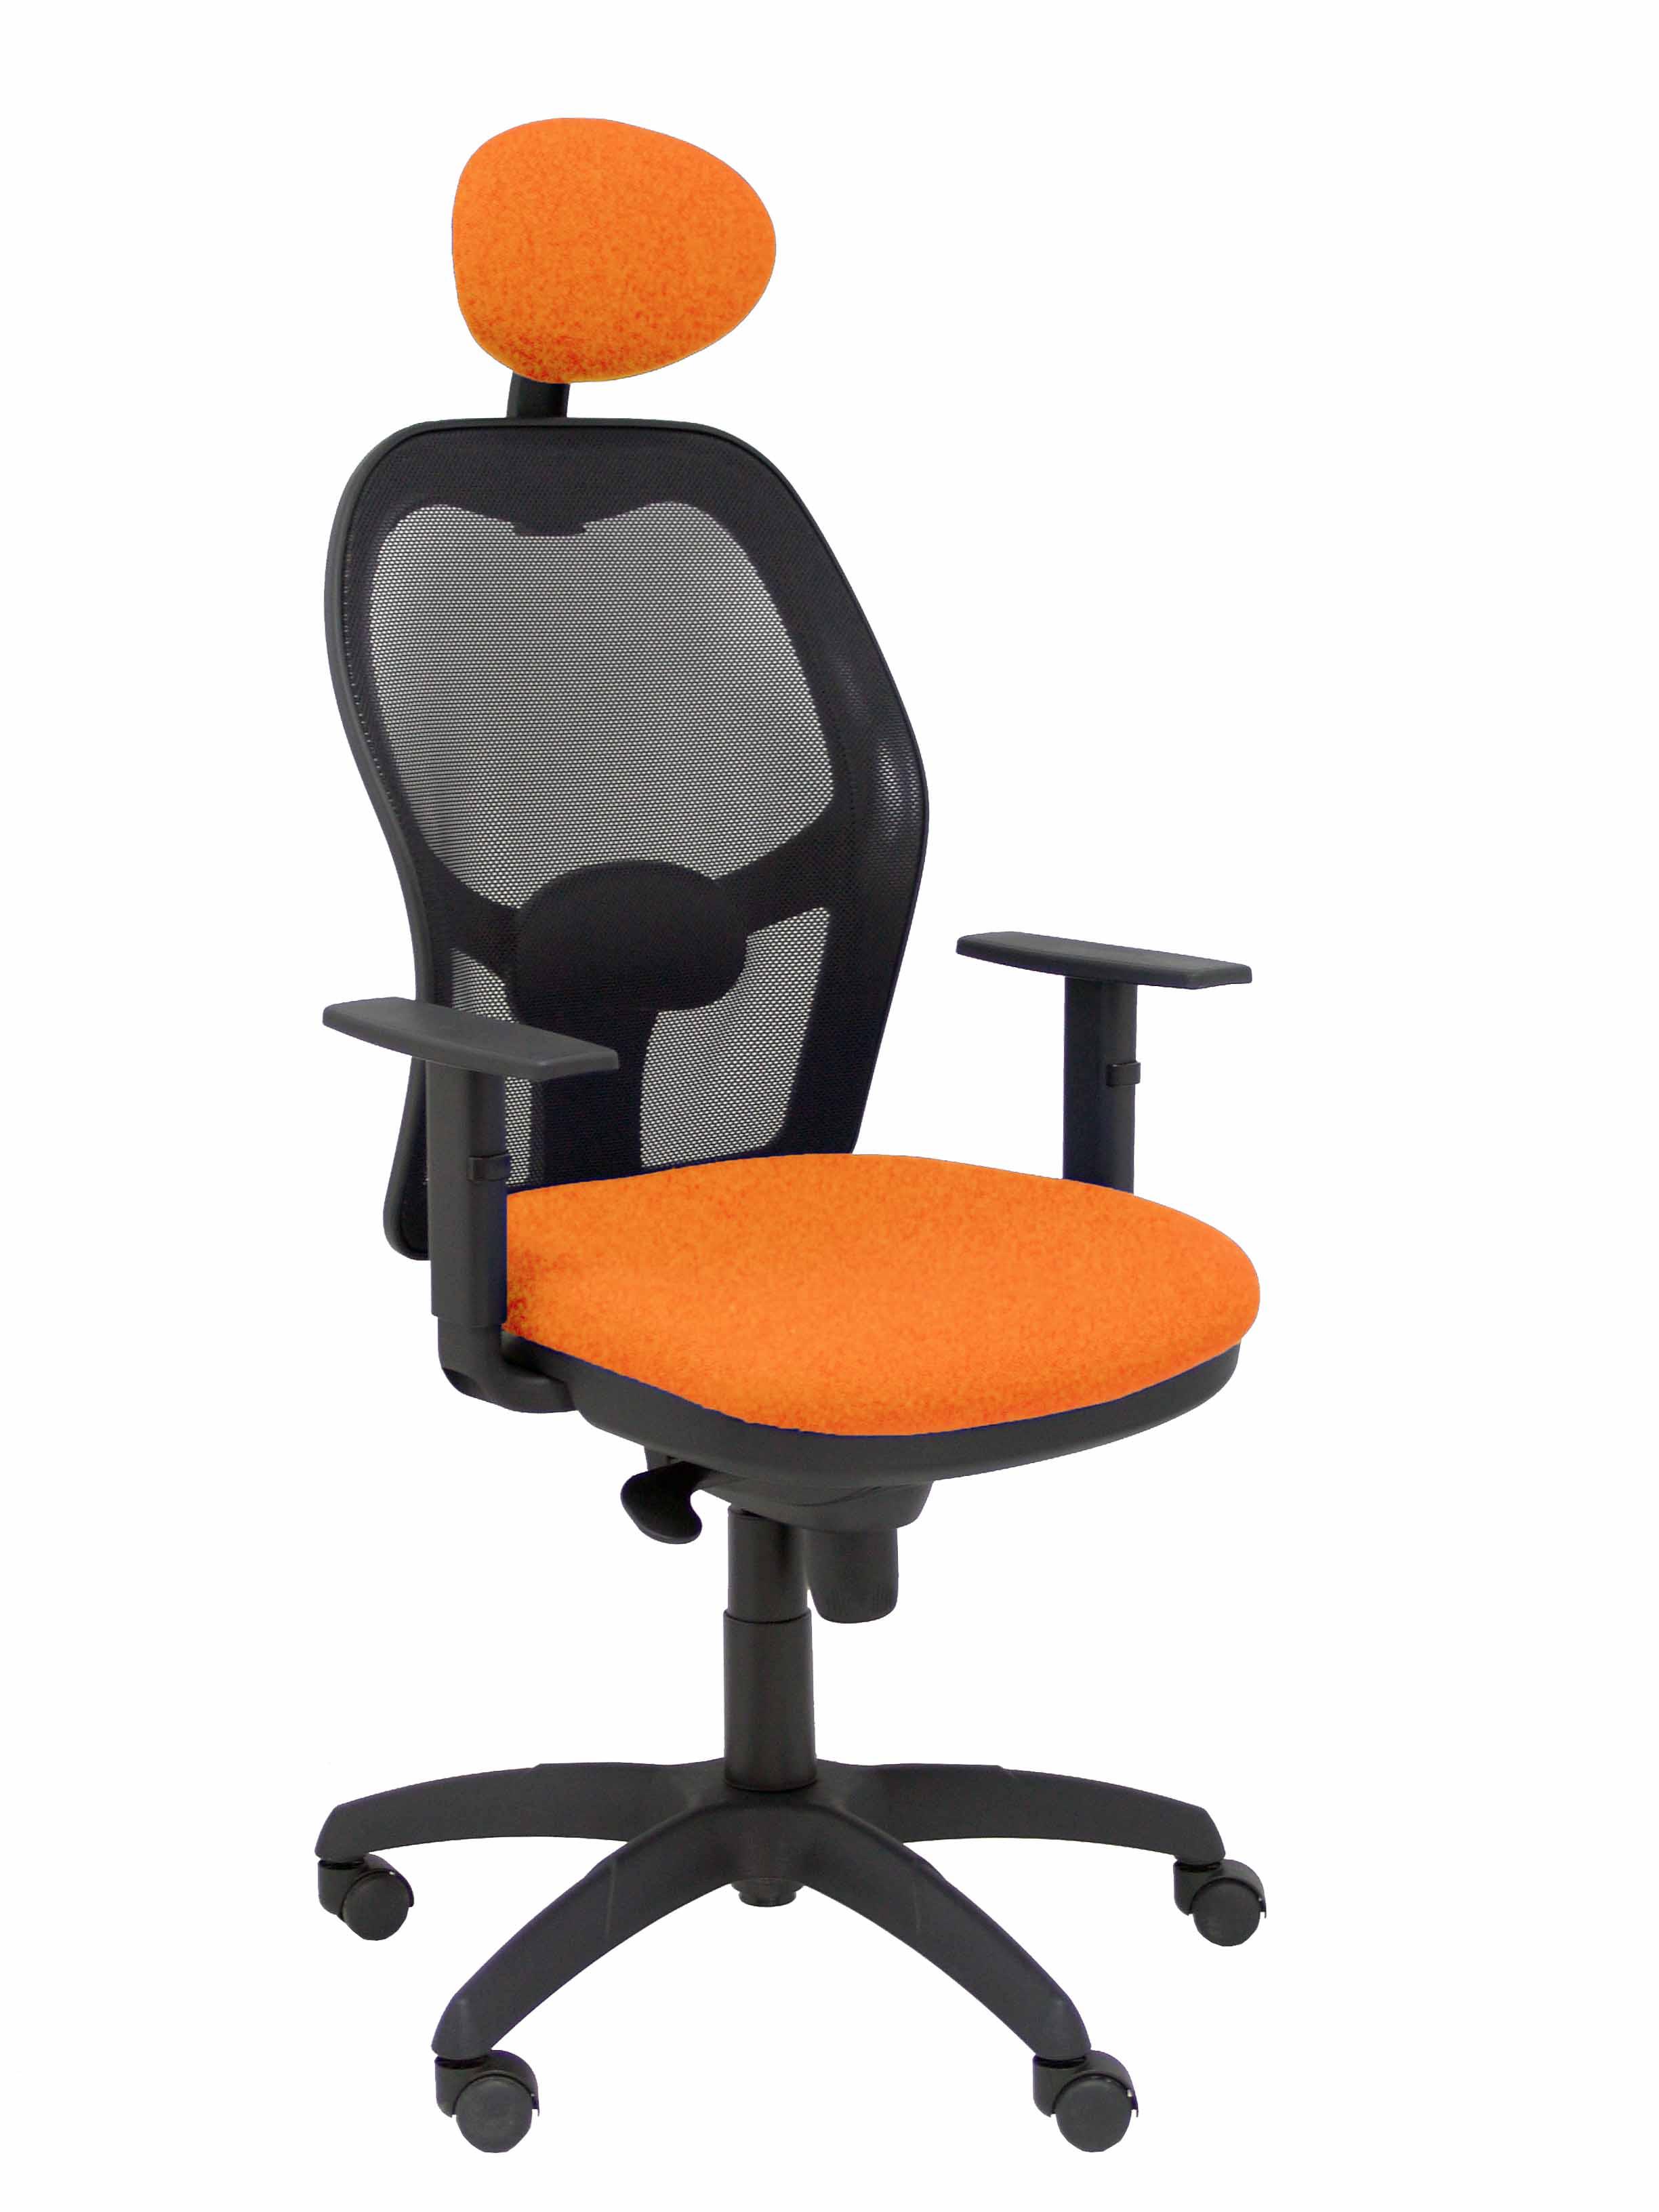 Silla Jorquera malla negra asiento bali naranja con cabecero fijo